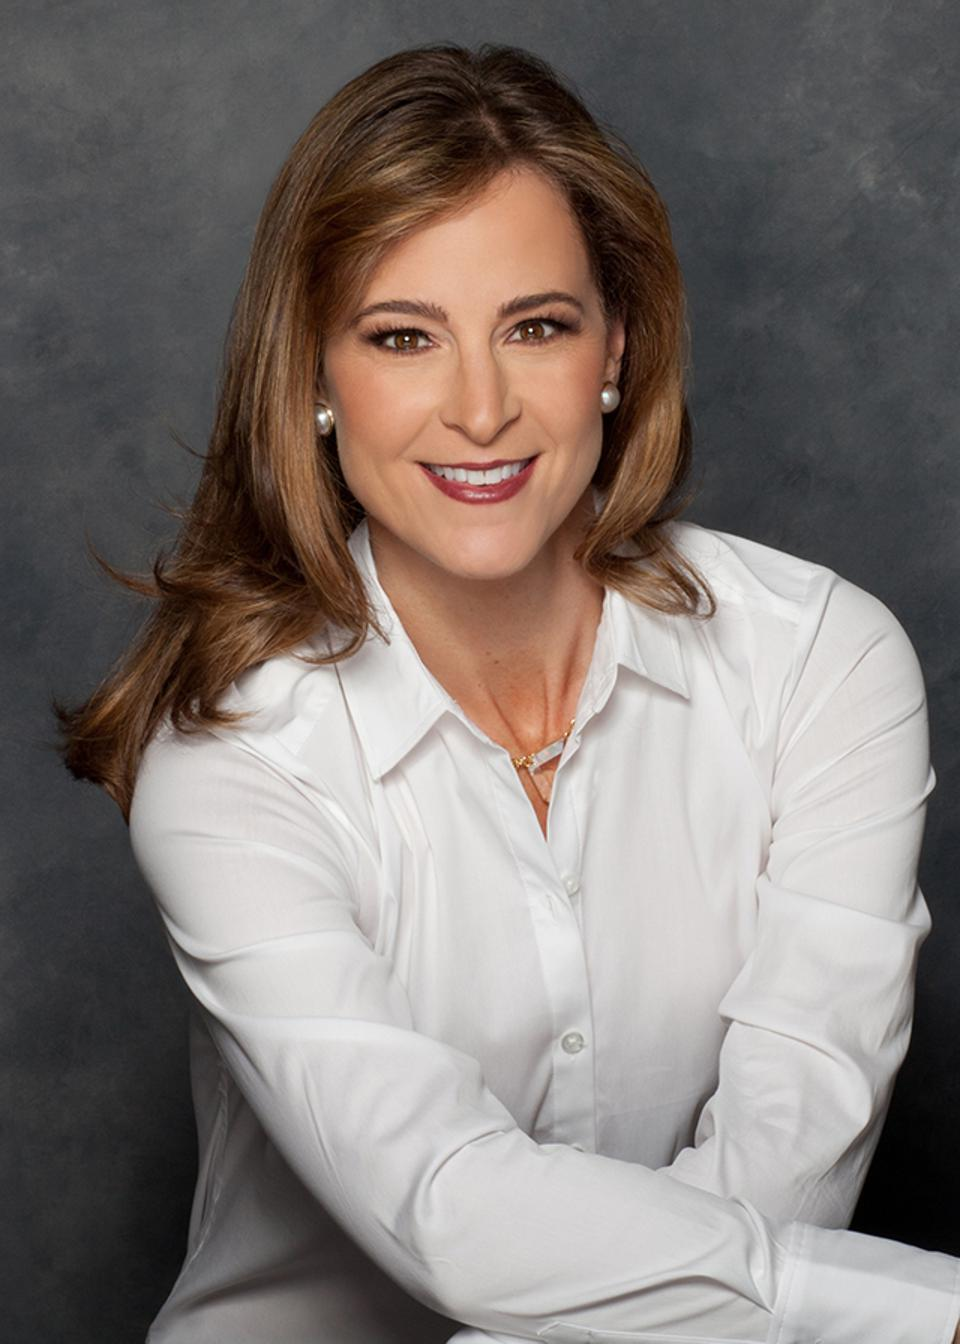 Jennifer Storms